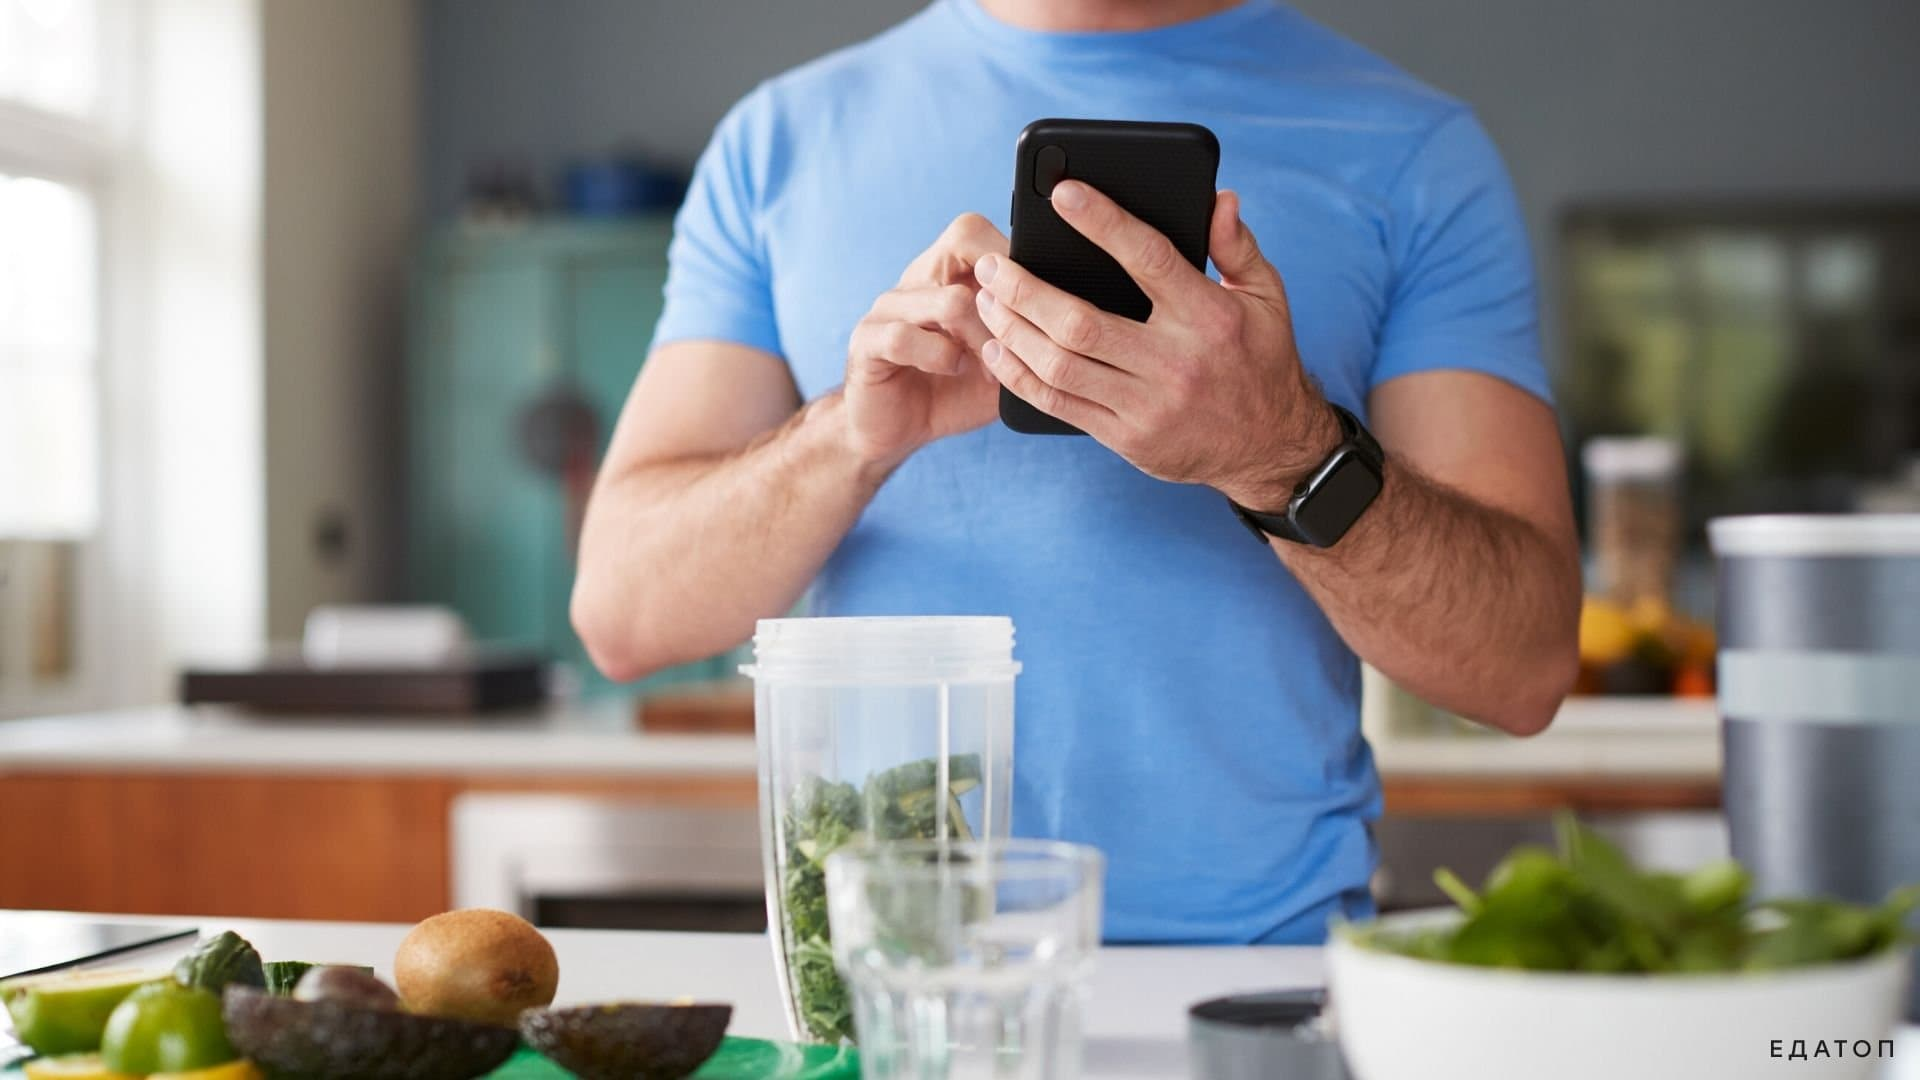 Принцип диеты основан на уменьшении калорийности.